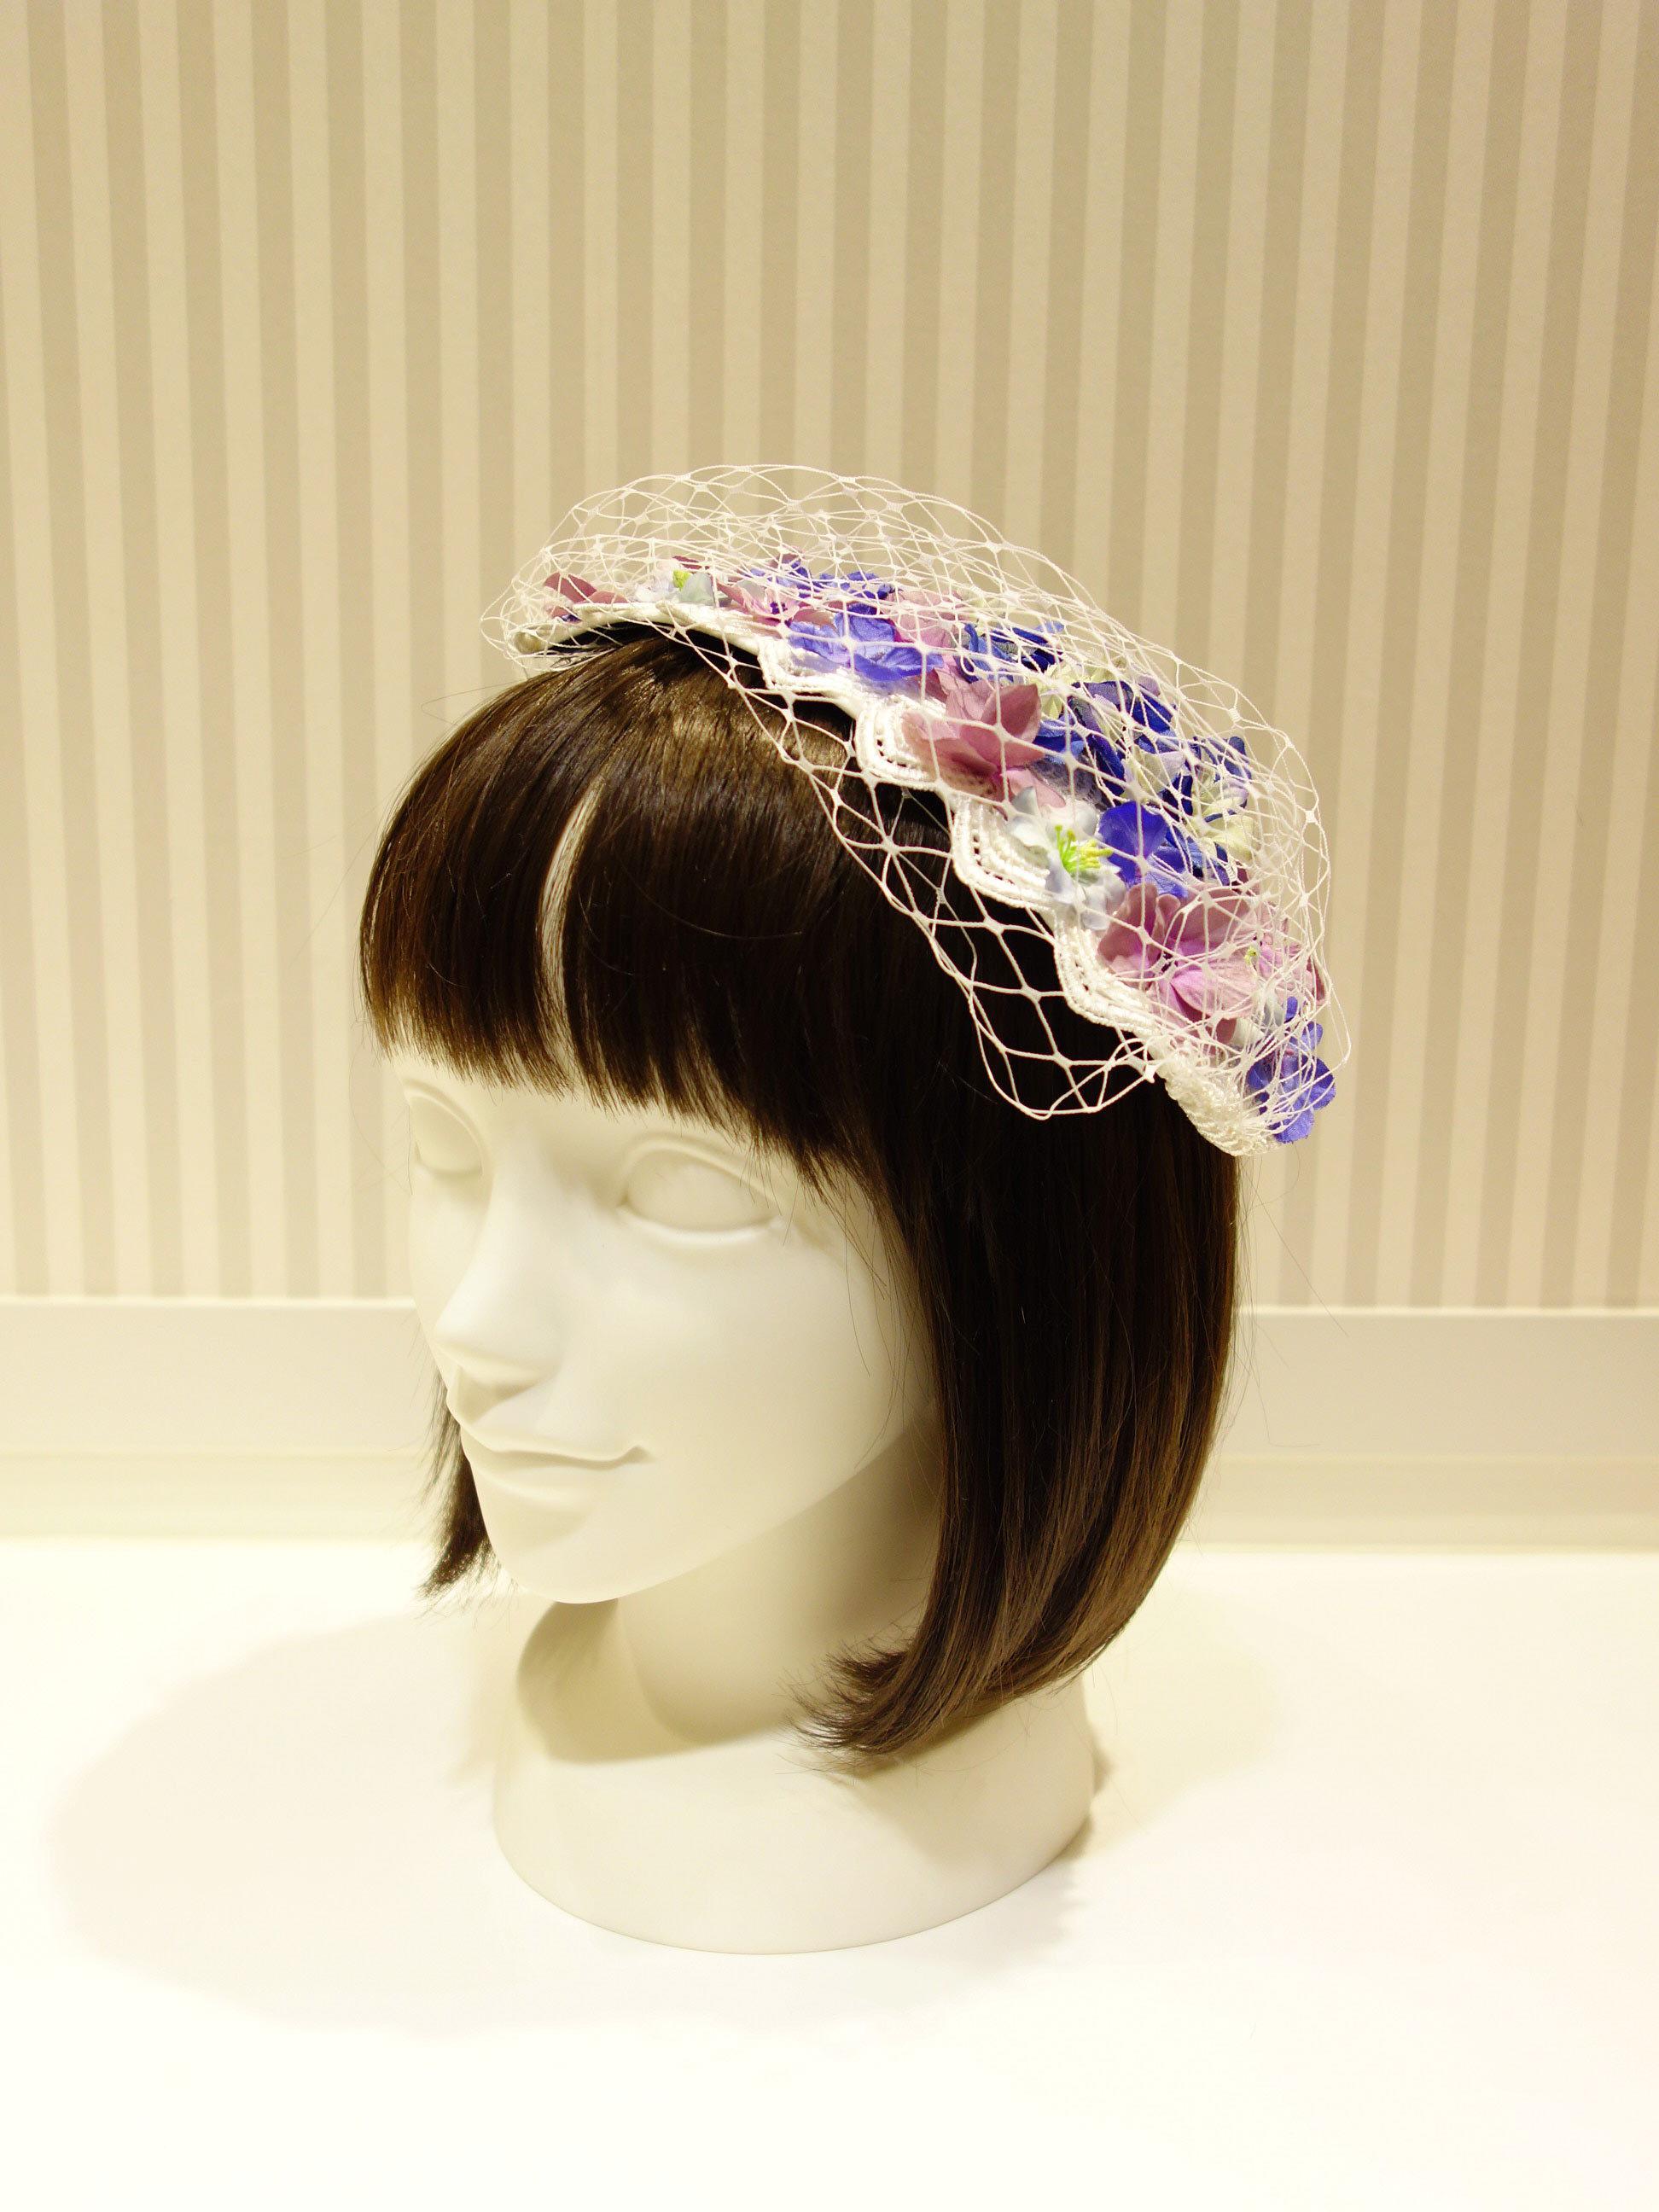 からす*花のヘッドドレス入荷♪_e0167832_16083206.jpg